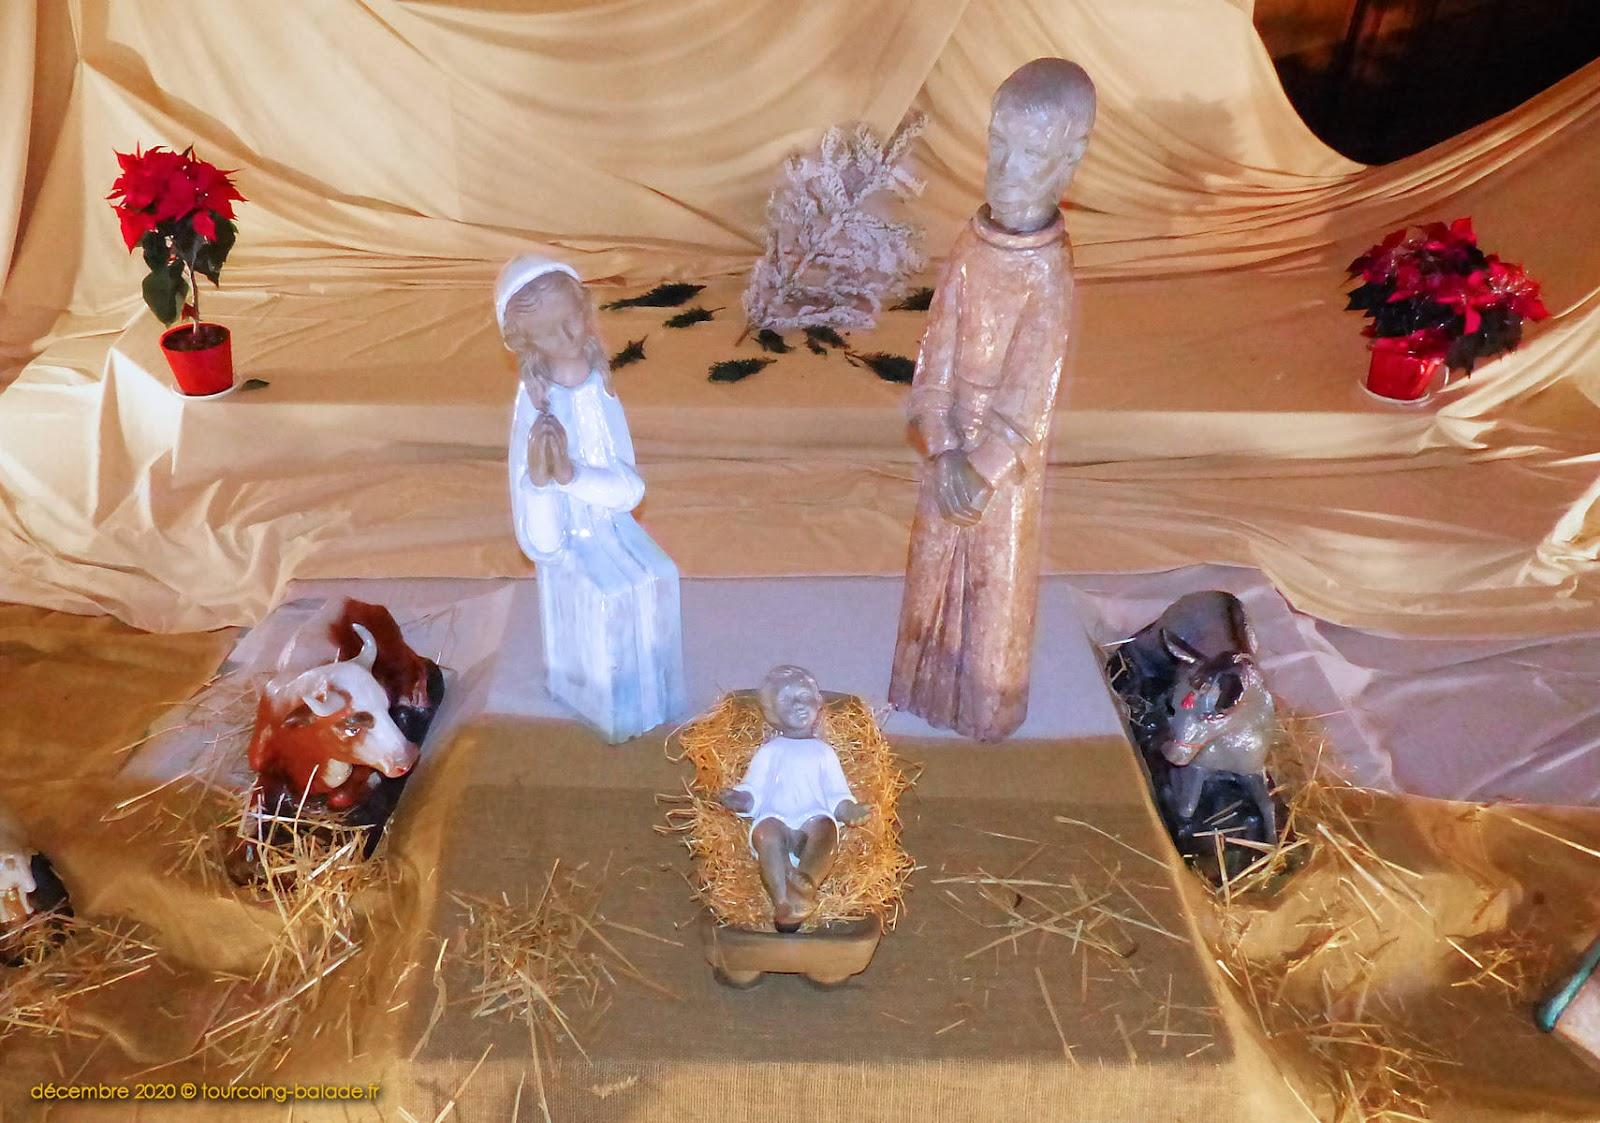 Nativité crèche Saint-Christophe, Tourcoing 2020